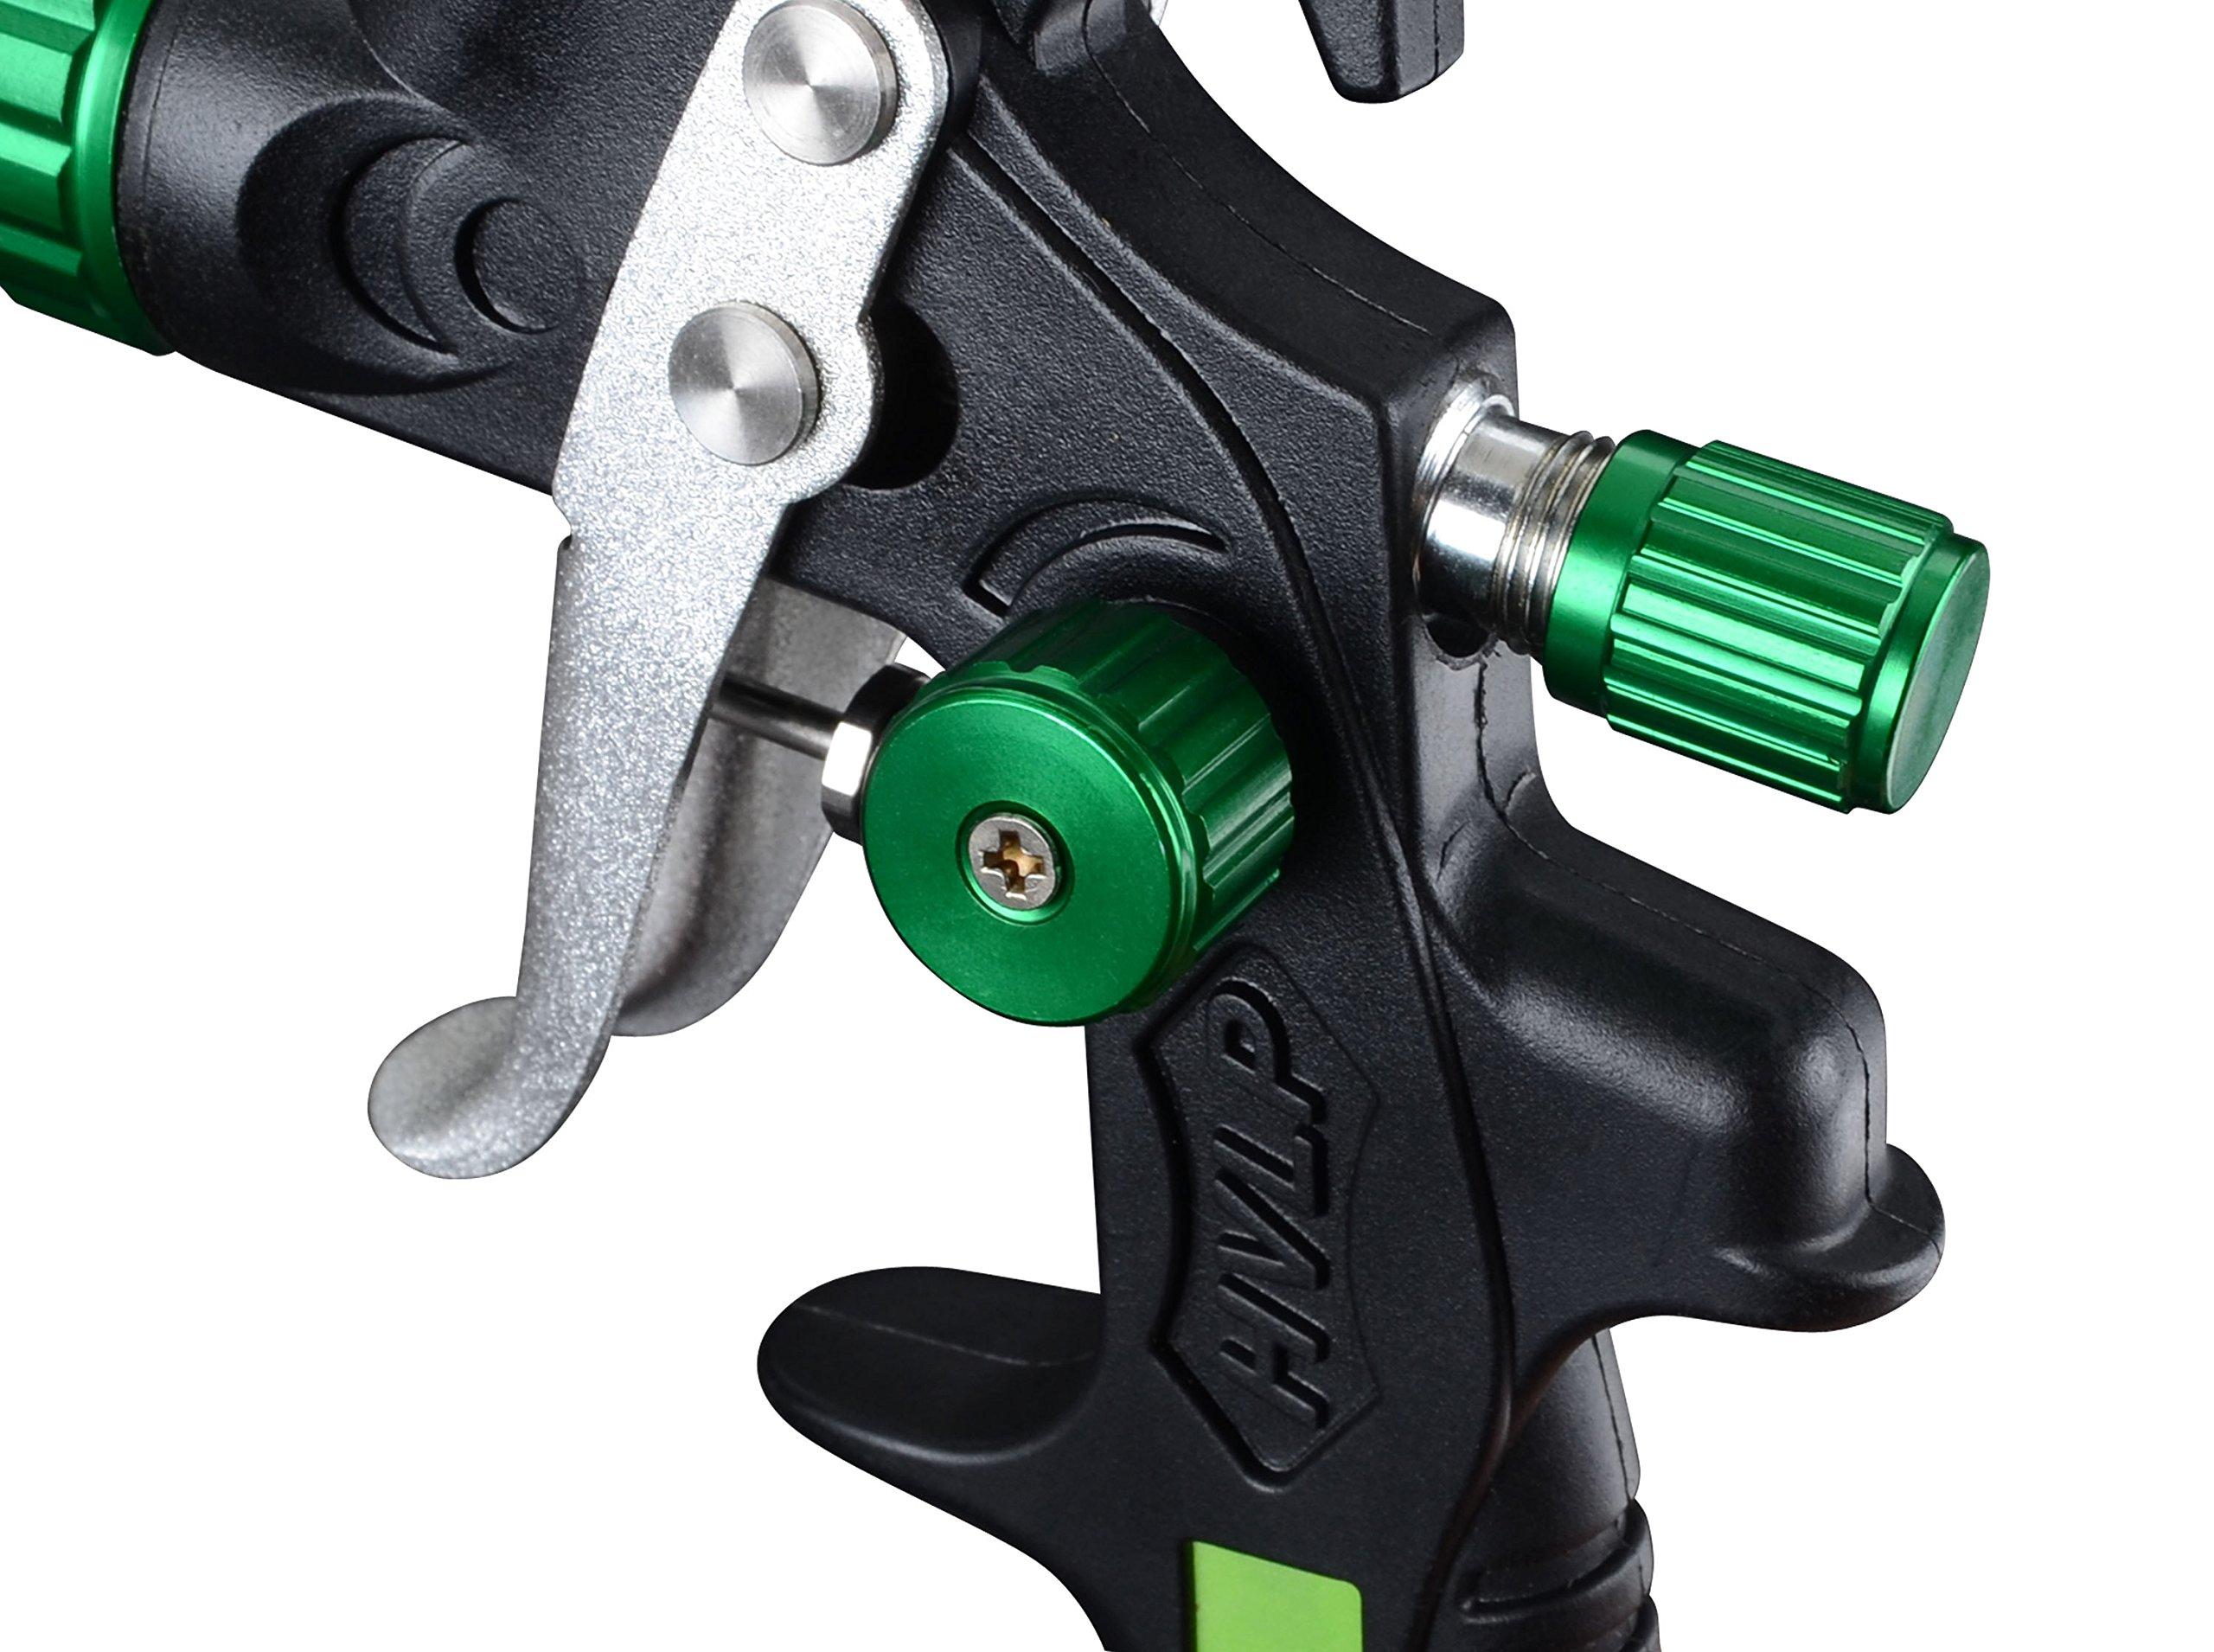 PowRyte Elite 4.2 Oz Composite Mini HVLP Gravity Feed Air Spray Gun - 0.8mm Nozzle by PowRyte (Image #4)